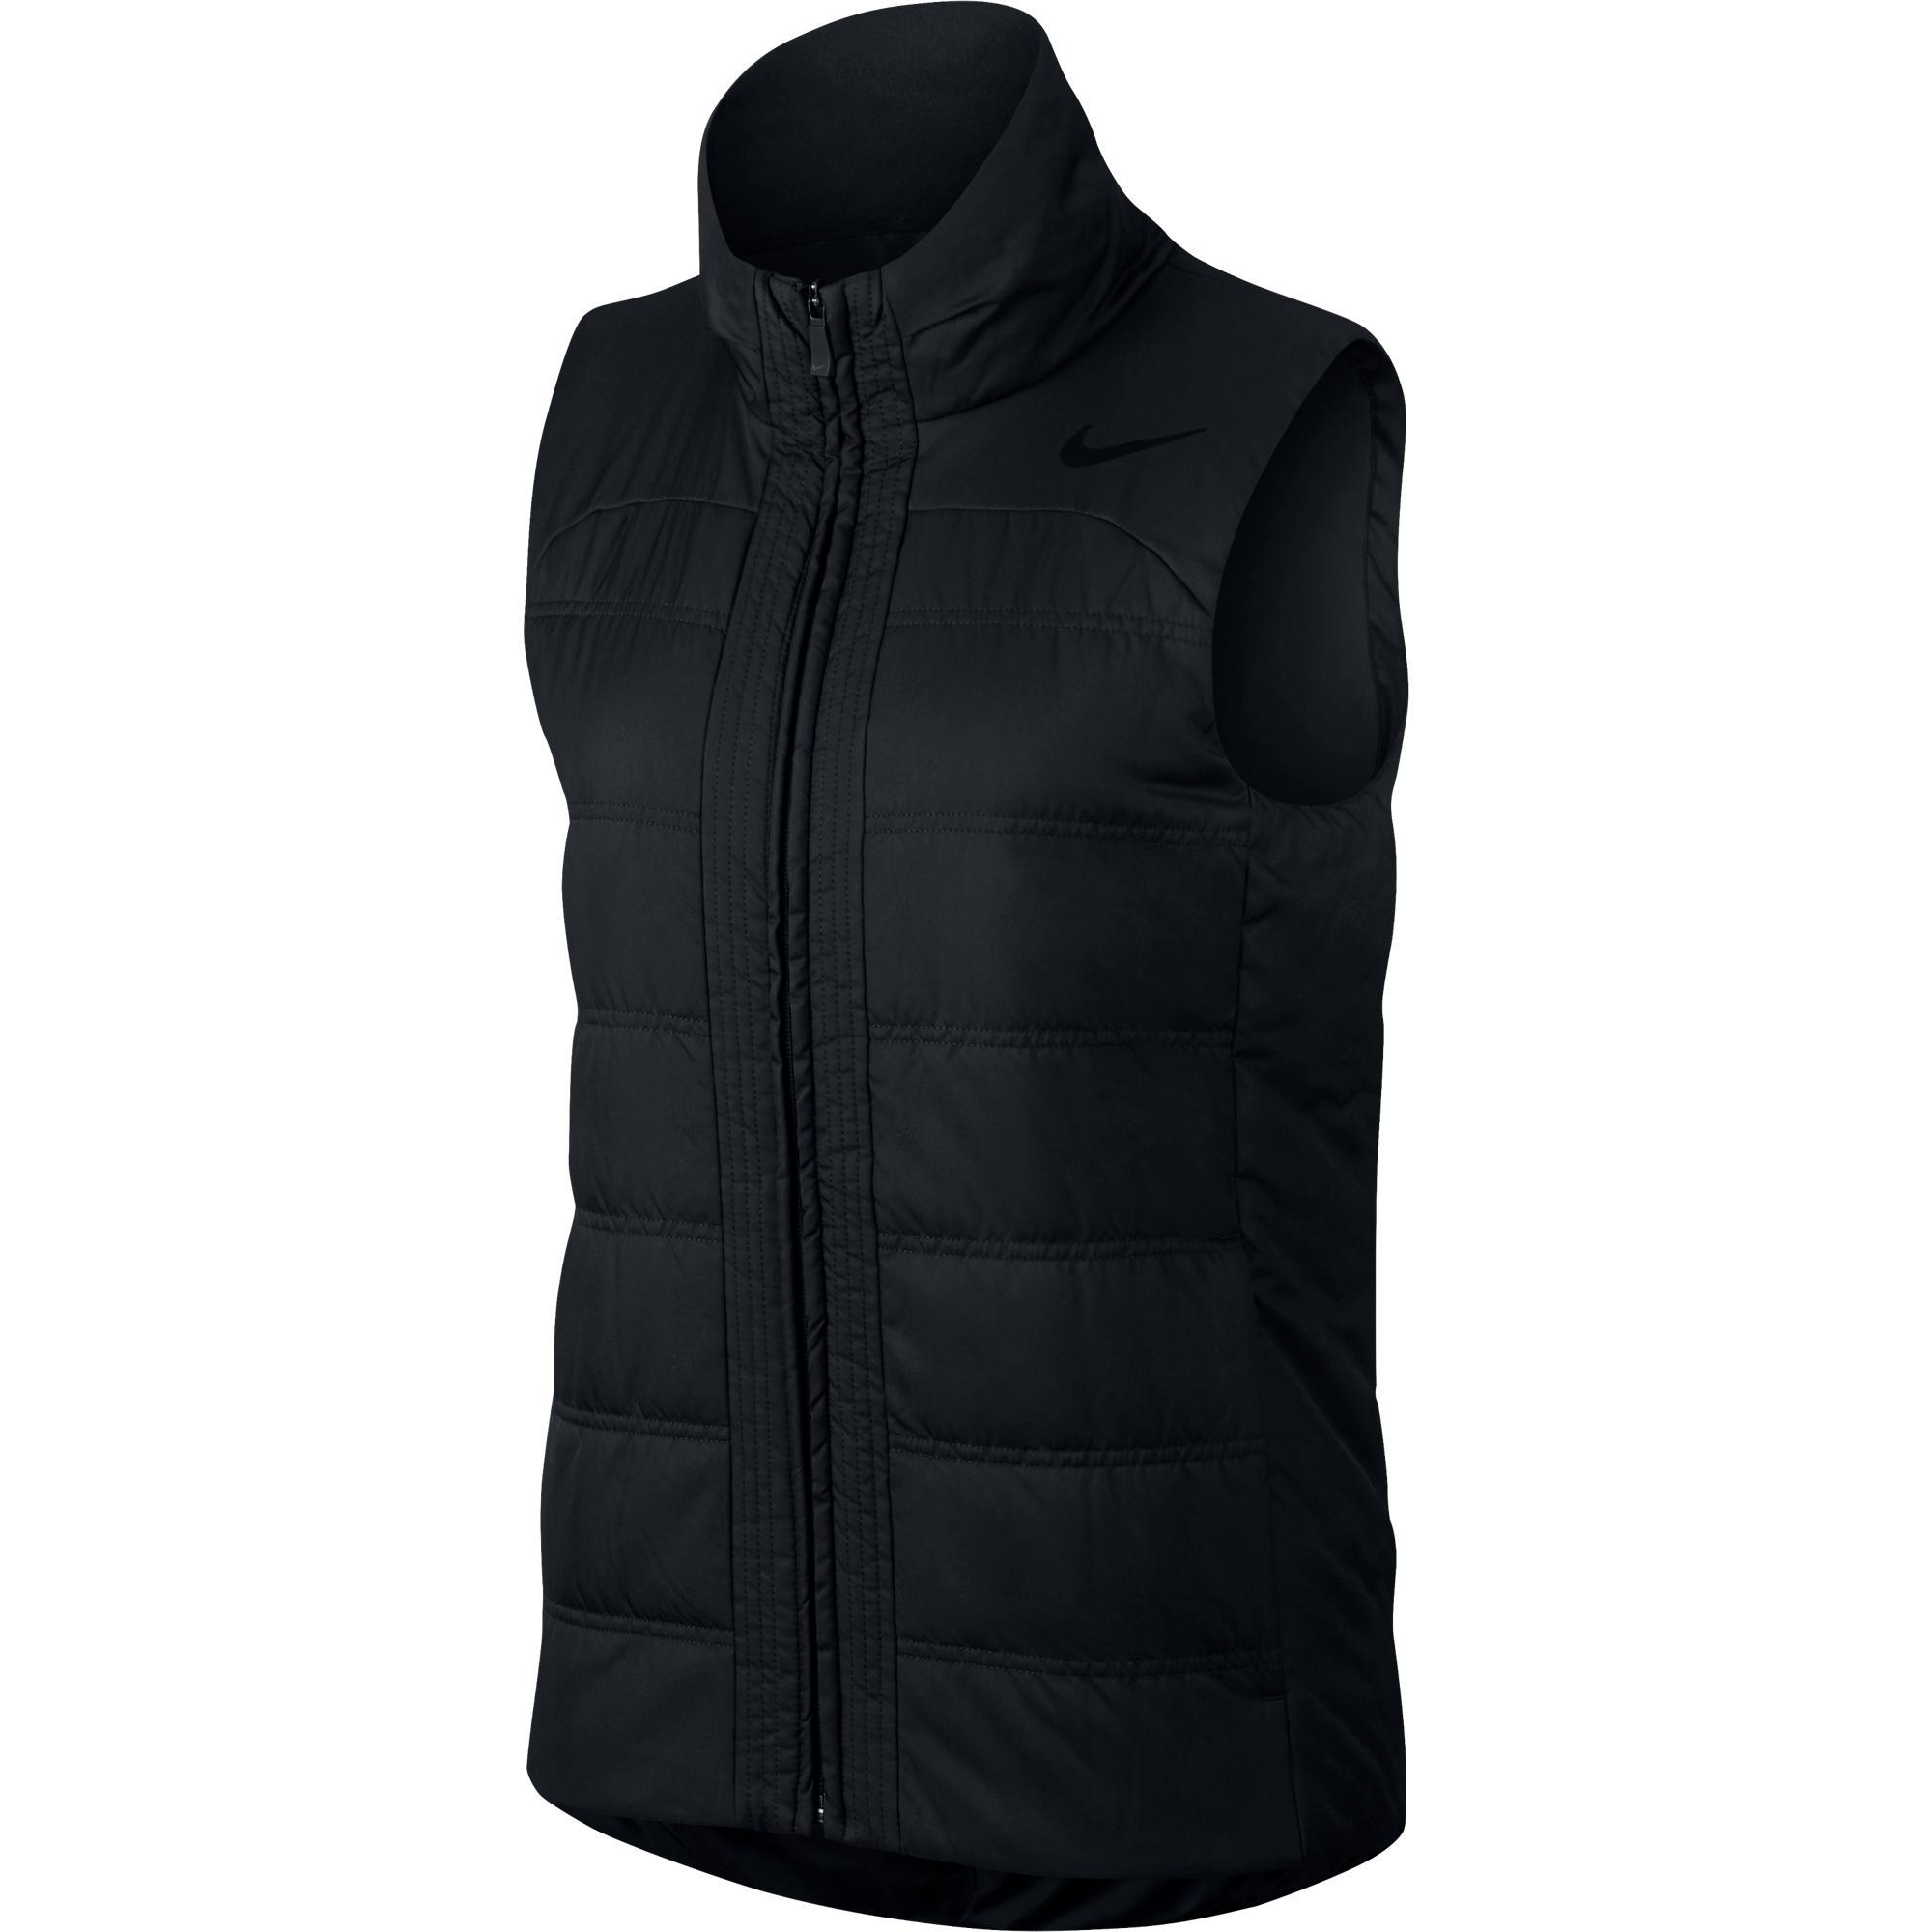 Women's Repel Full Zip Warm Vest